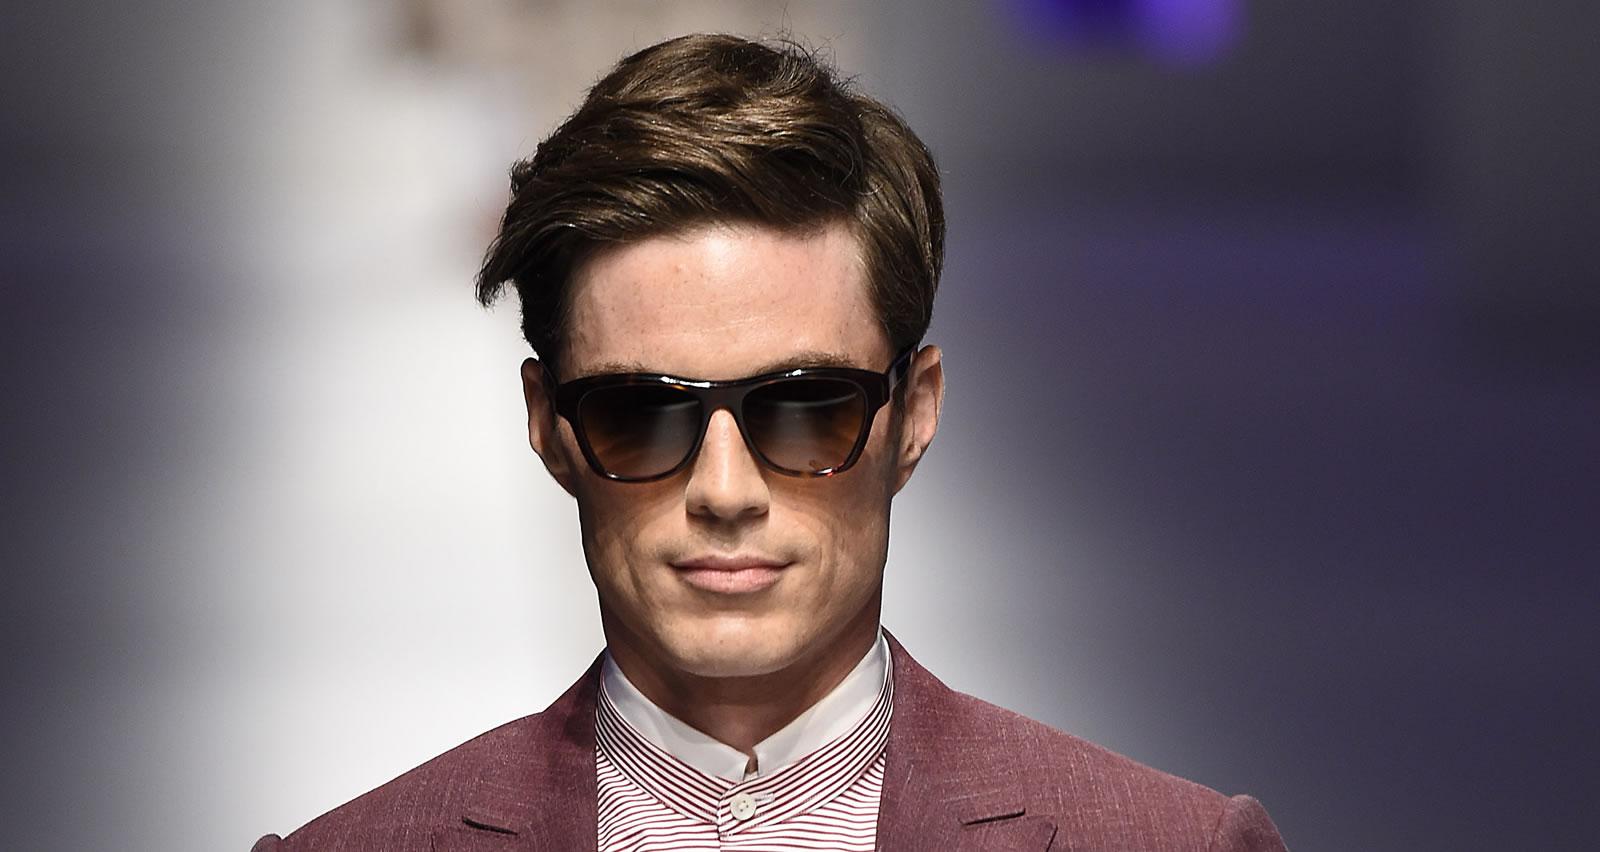 Famoso Moda capelli uomo: lasciati ispirare dalle ultime tendenze! FN09